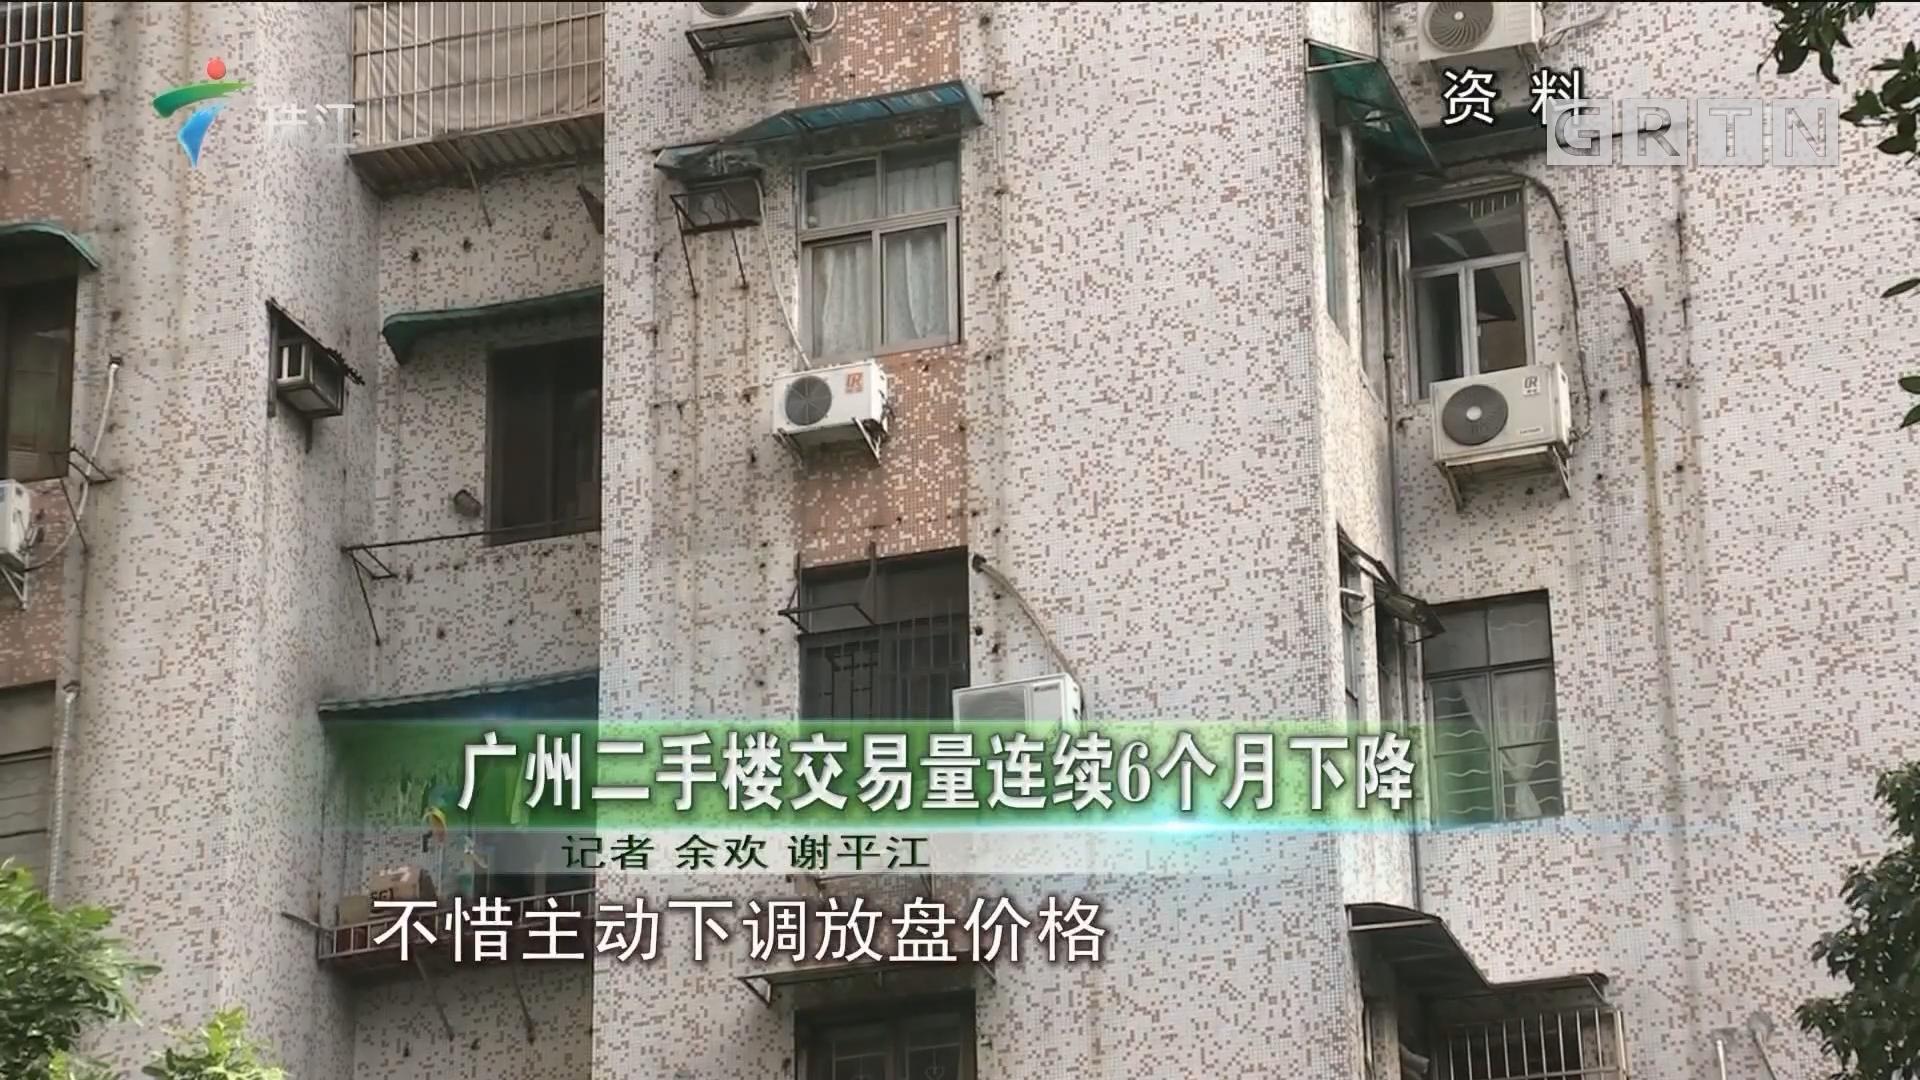 广州二手楼交易量连续6个月下降